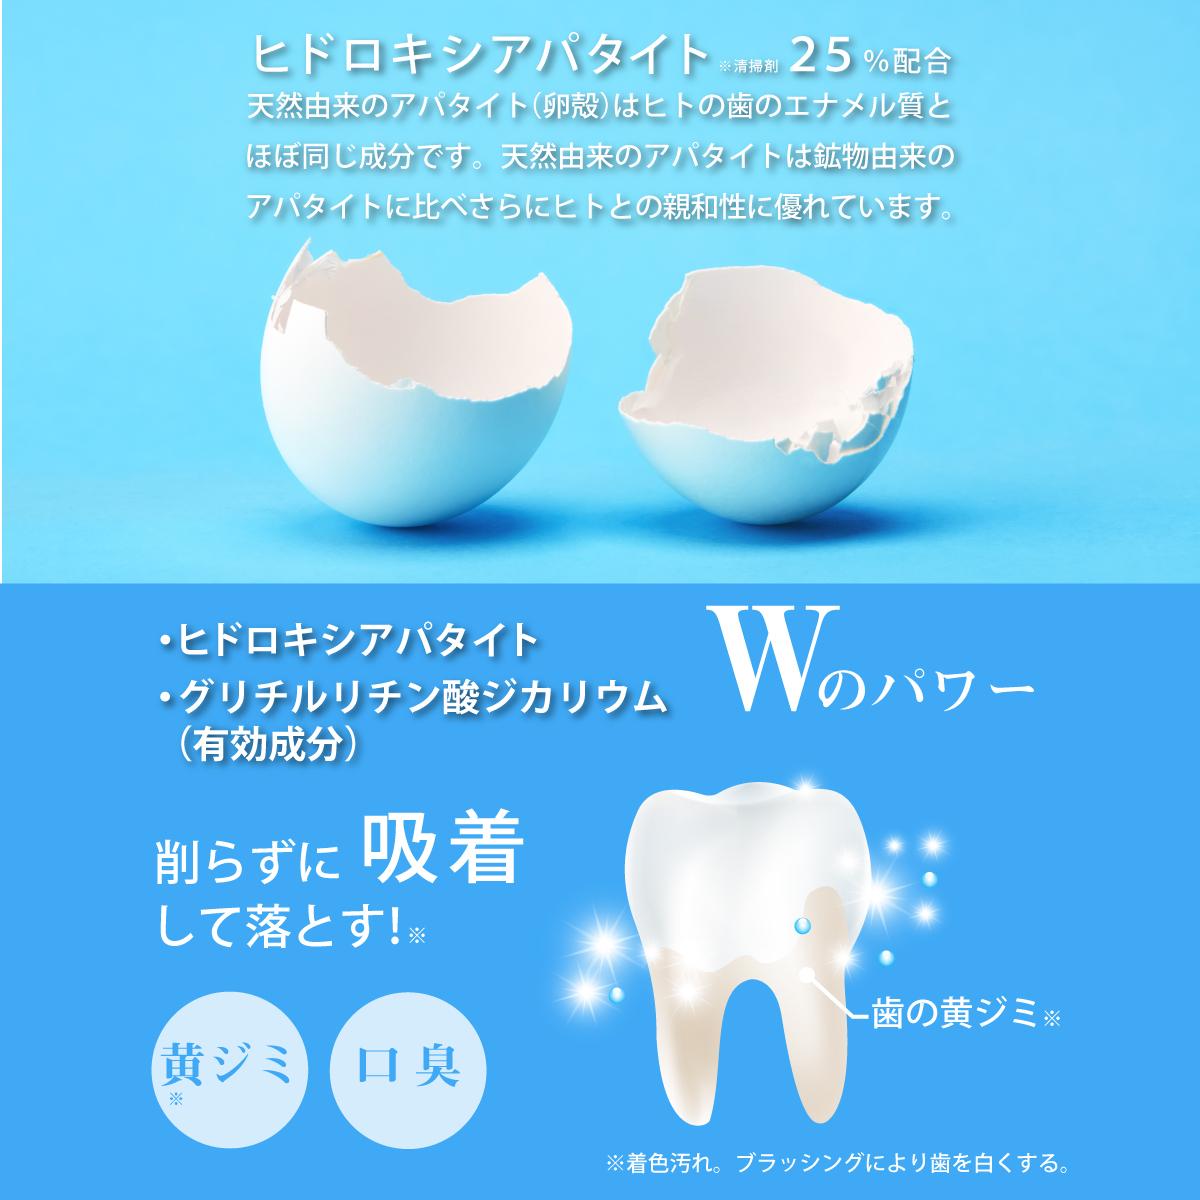 【定期購入で送料無料】薬用ホワイトニングパウダーtttスリーティー